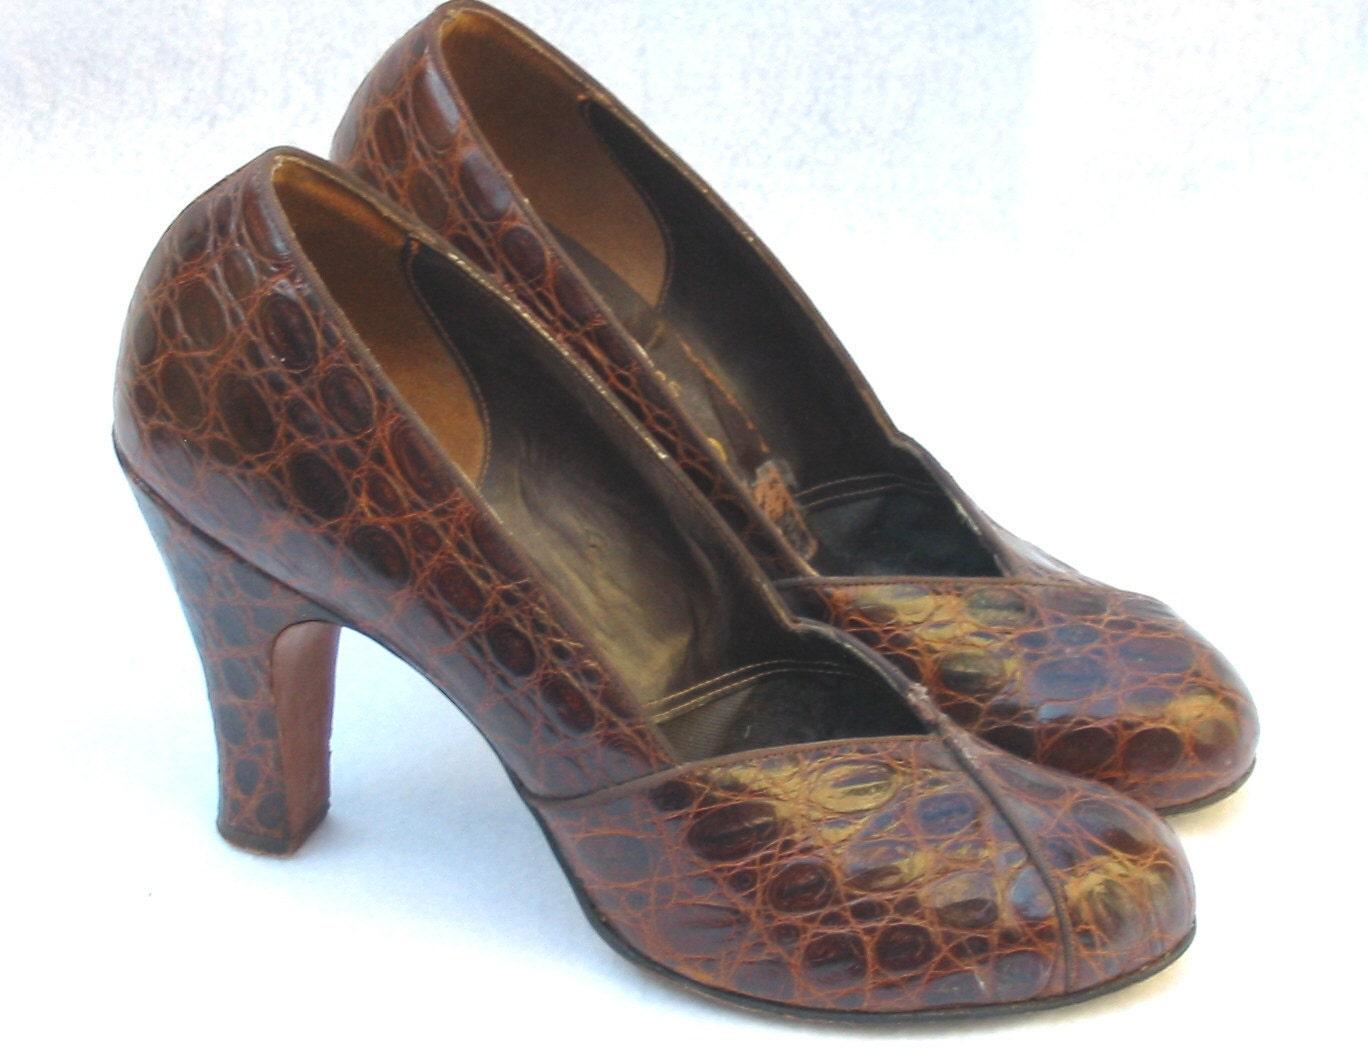 Vintage Alligator Baby Doll Shoes Pumps